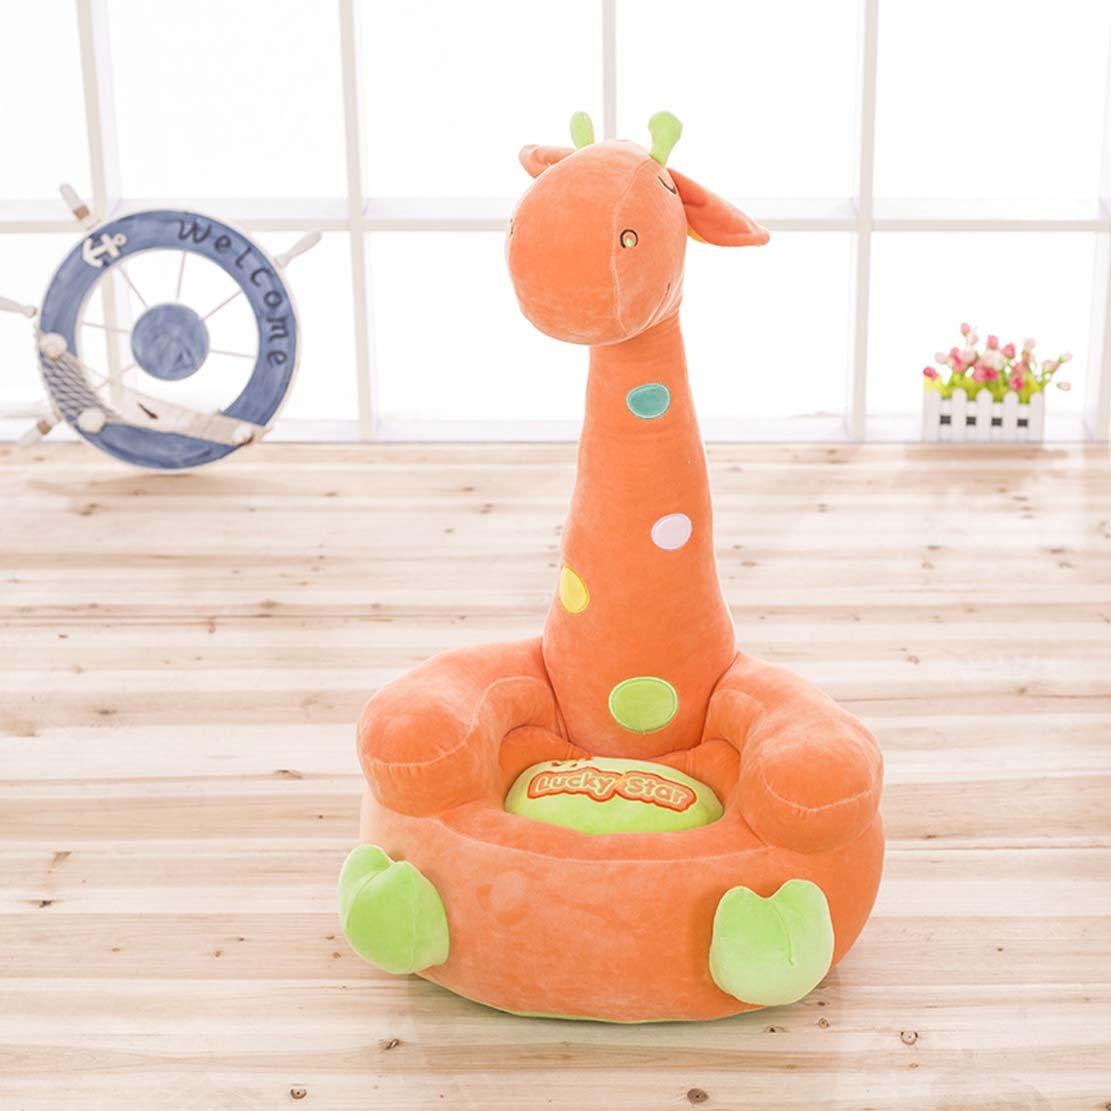 MAXYOYO Farbeful Polka Dot Giraffe Gefülltes Plüsch Sofa, Cute Giraffe Plüsch Soft Sofa Sitz, Cartoon Tatami Stühle, Geburtstag Weihnachts Geschenke, für Jungen und Mädchen, Orange, 75  45  35cm